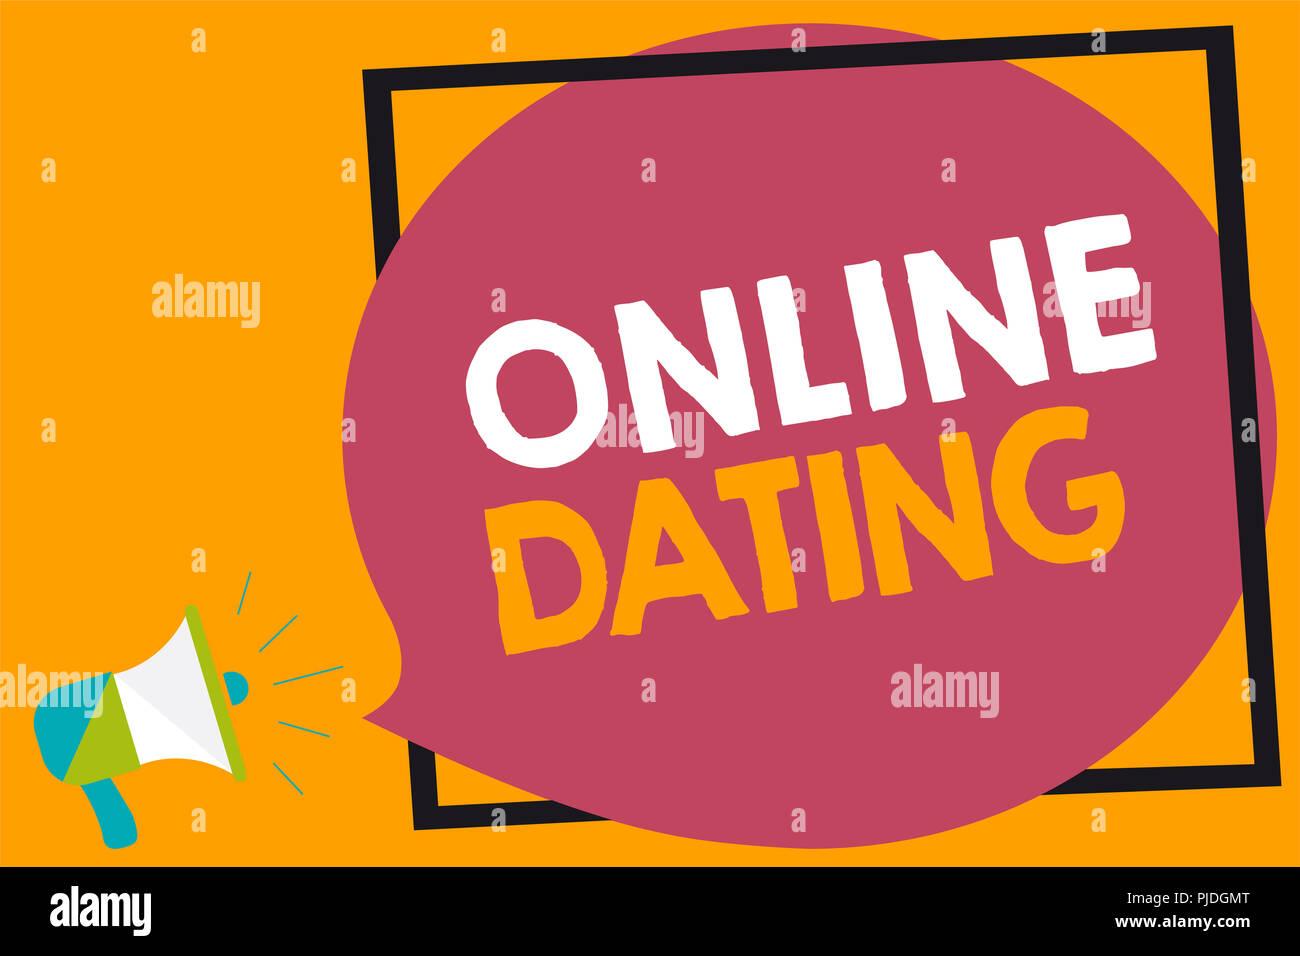 Dating-Spindelwhorls